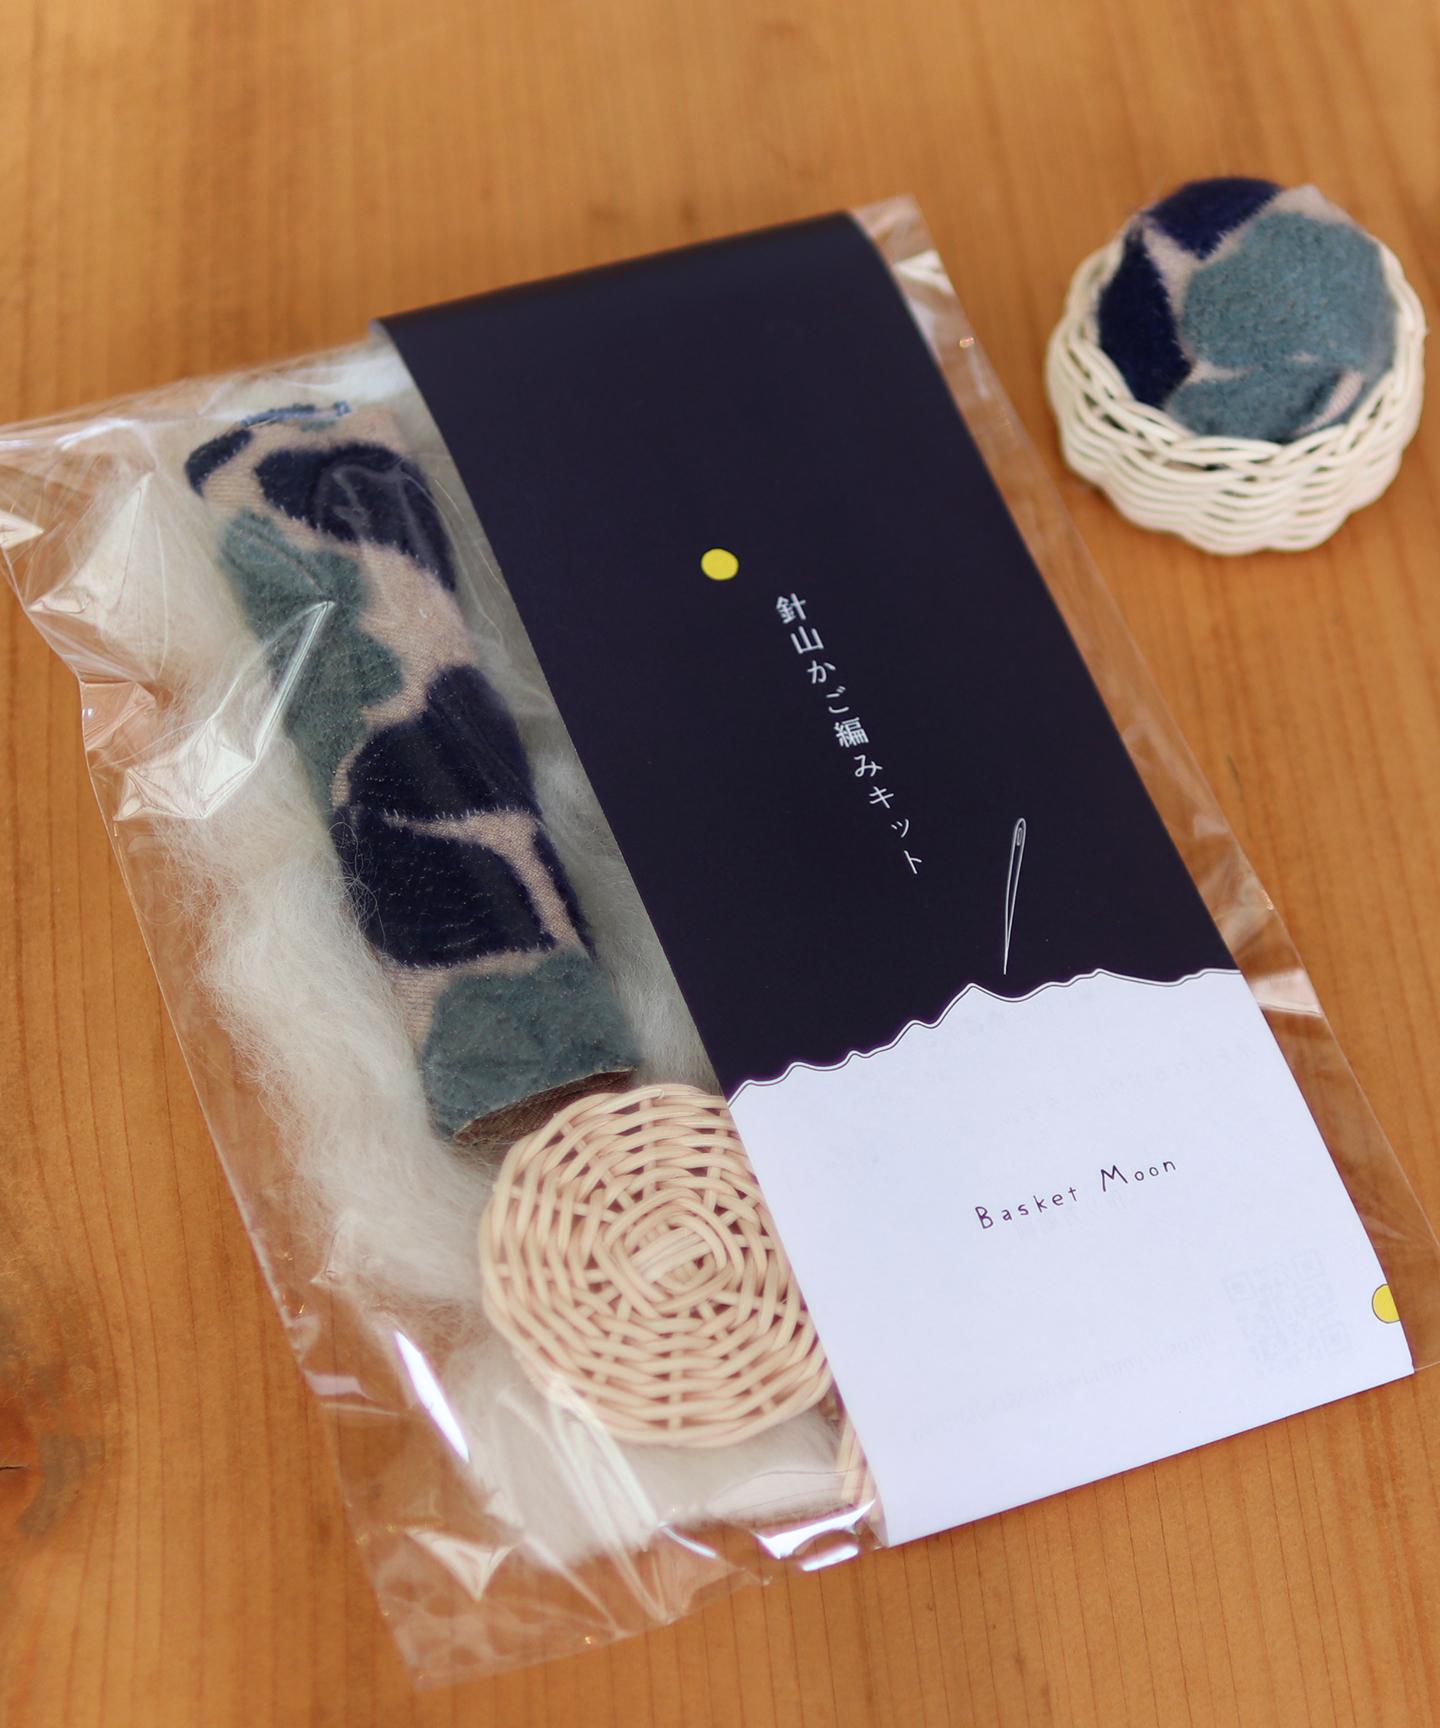 【かご編みキット】針山かご編みキット(Basket Moon)